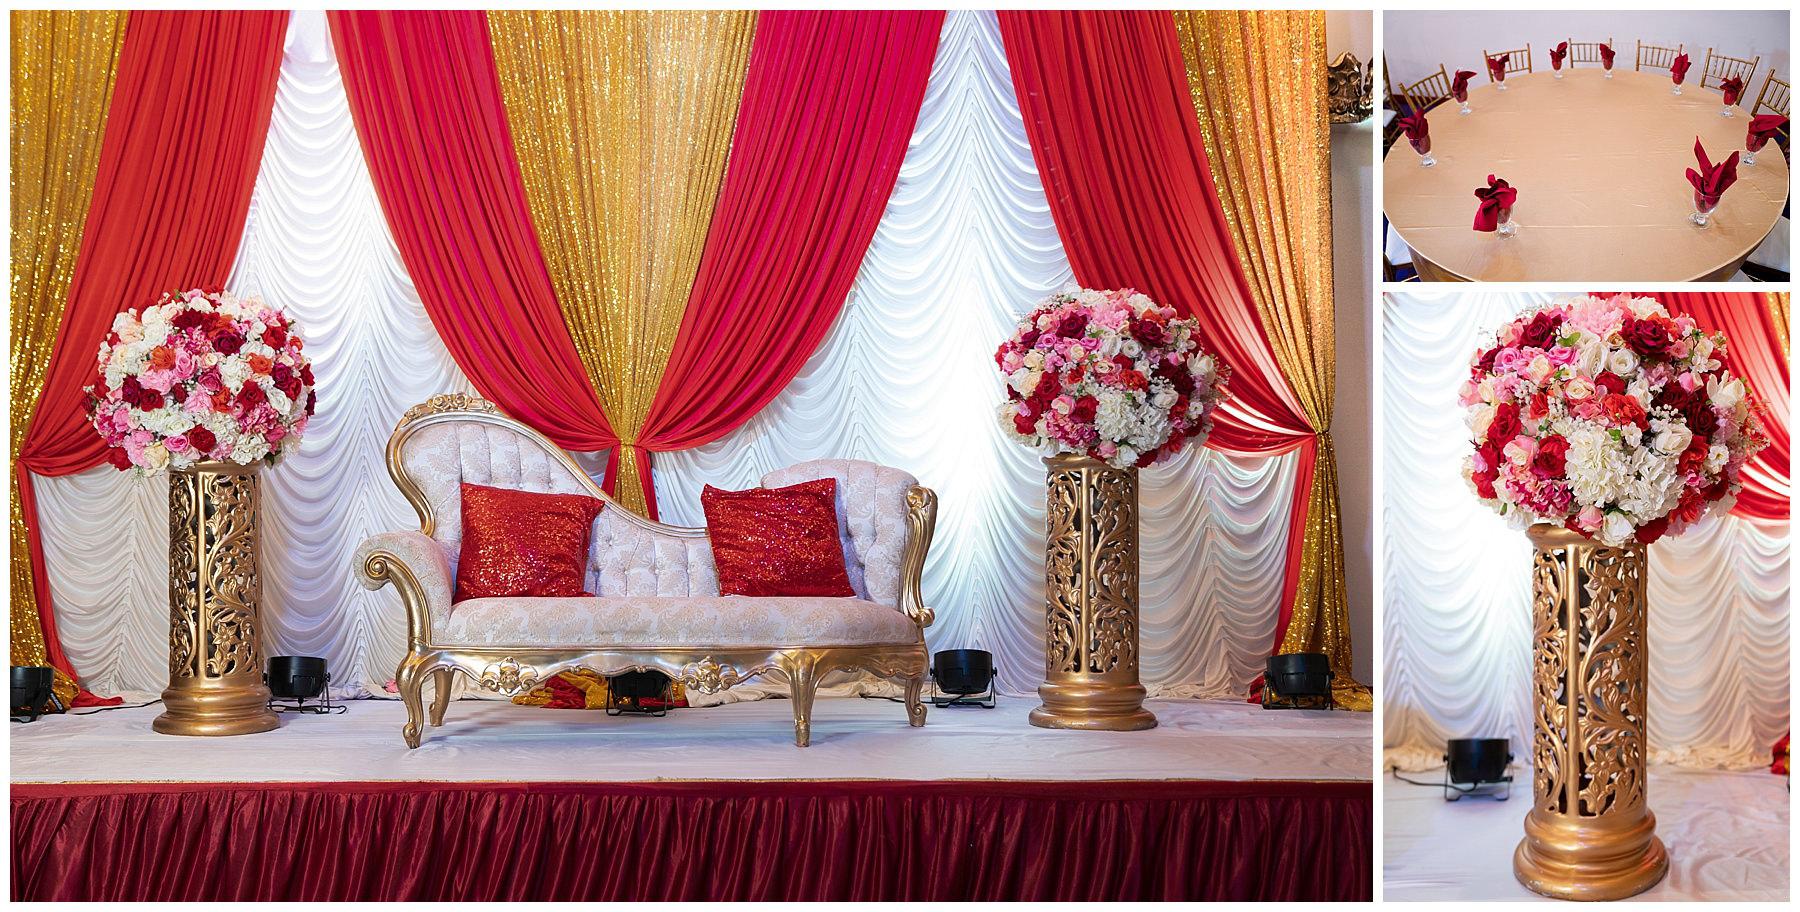 royal-alberts-palace-fords-nj-engagement-vidushi-ankush-1.jpg